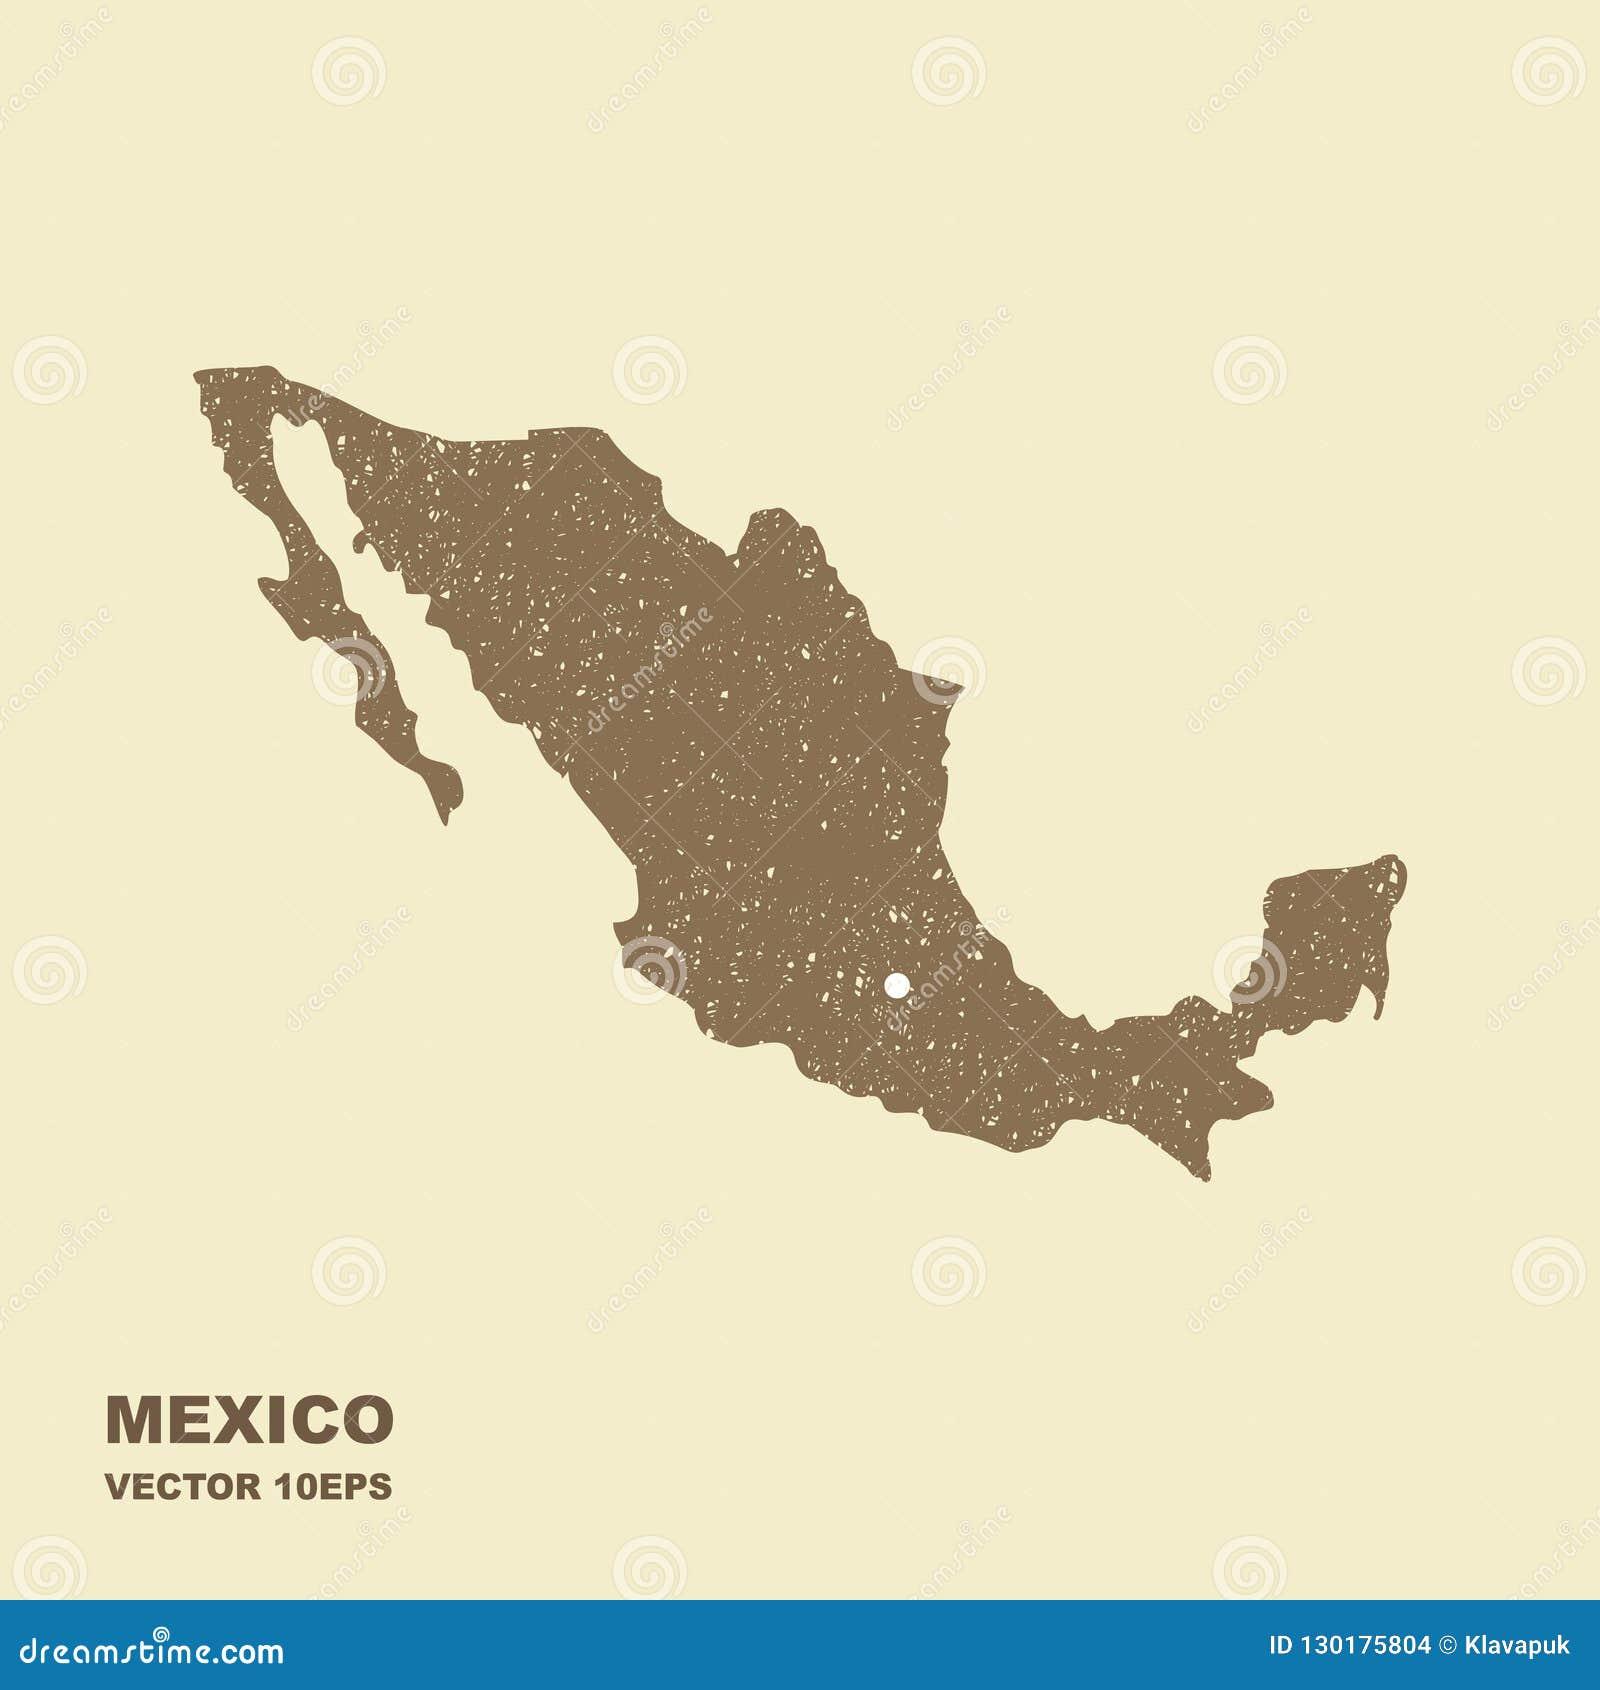 Κενός γκρίζος παρόμοιος χάρτης του Μεξικού με τη γρατζουνισμένη επίδραση